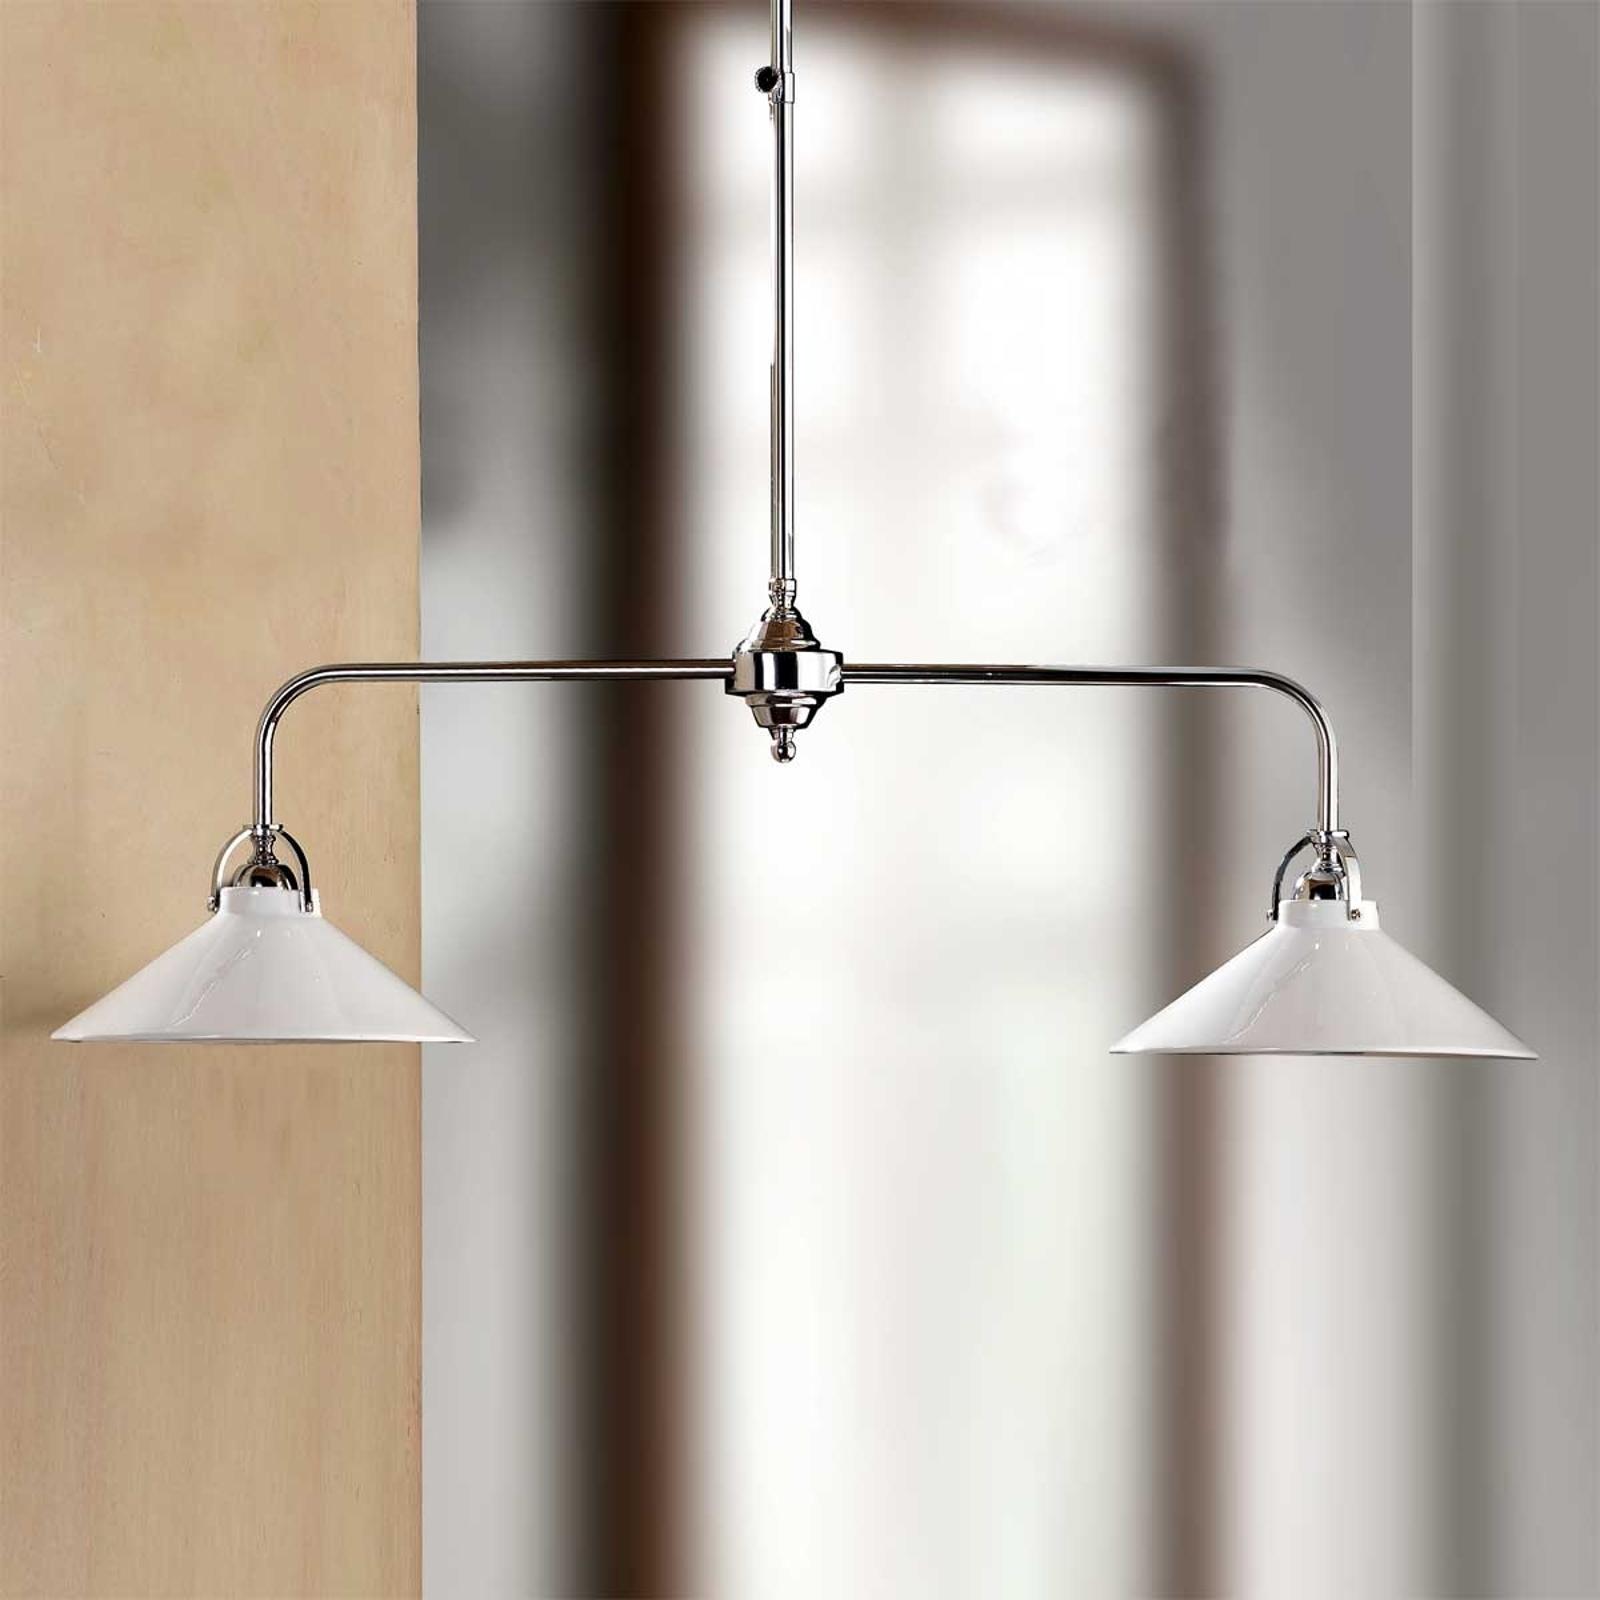 Suspension GIACOMO abat-jour céramique à 2 lampes